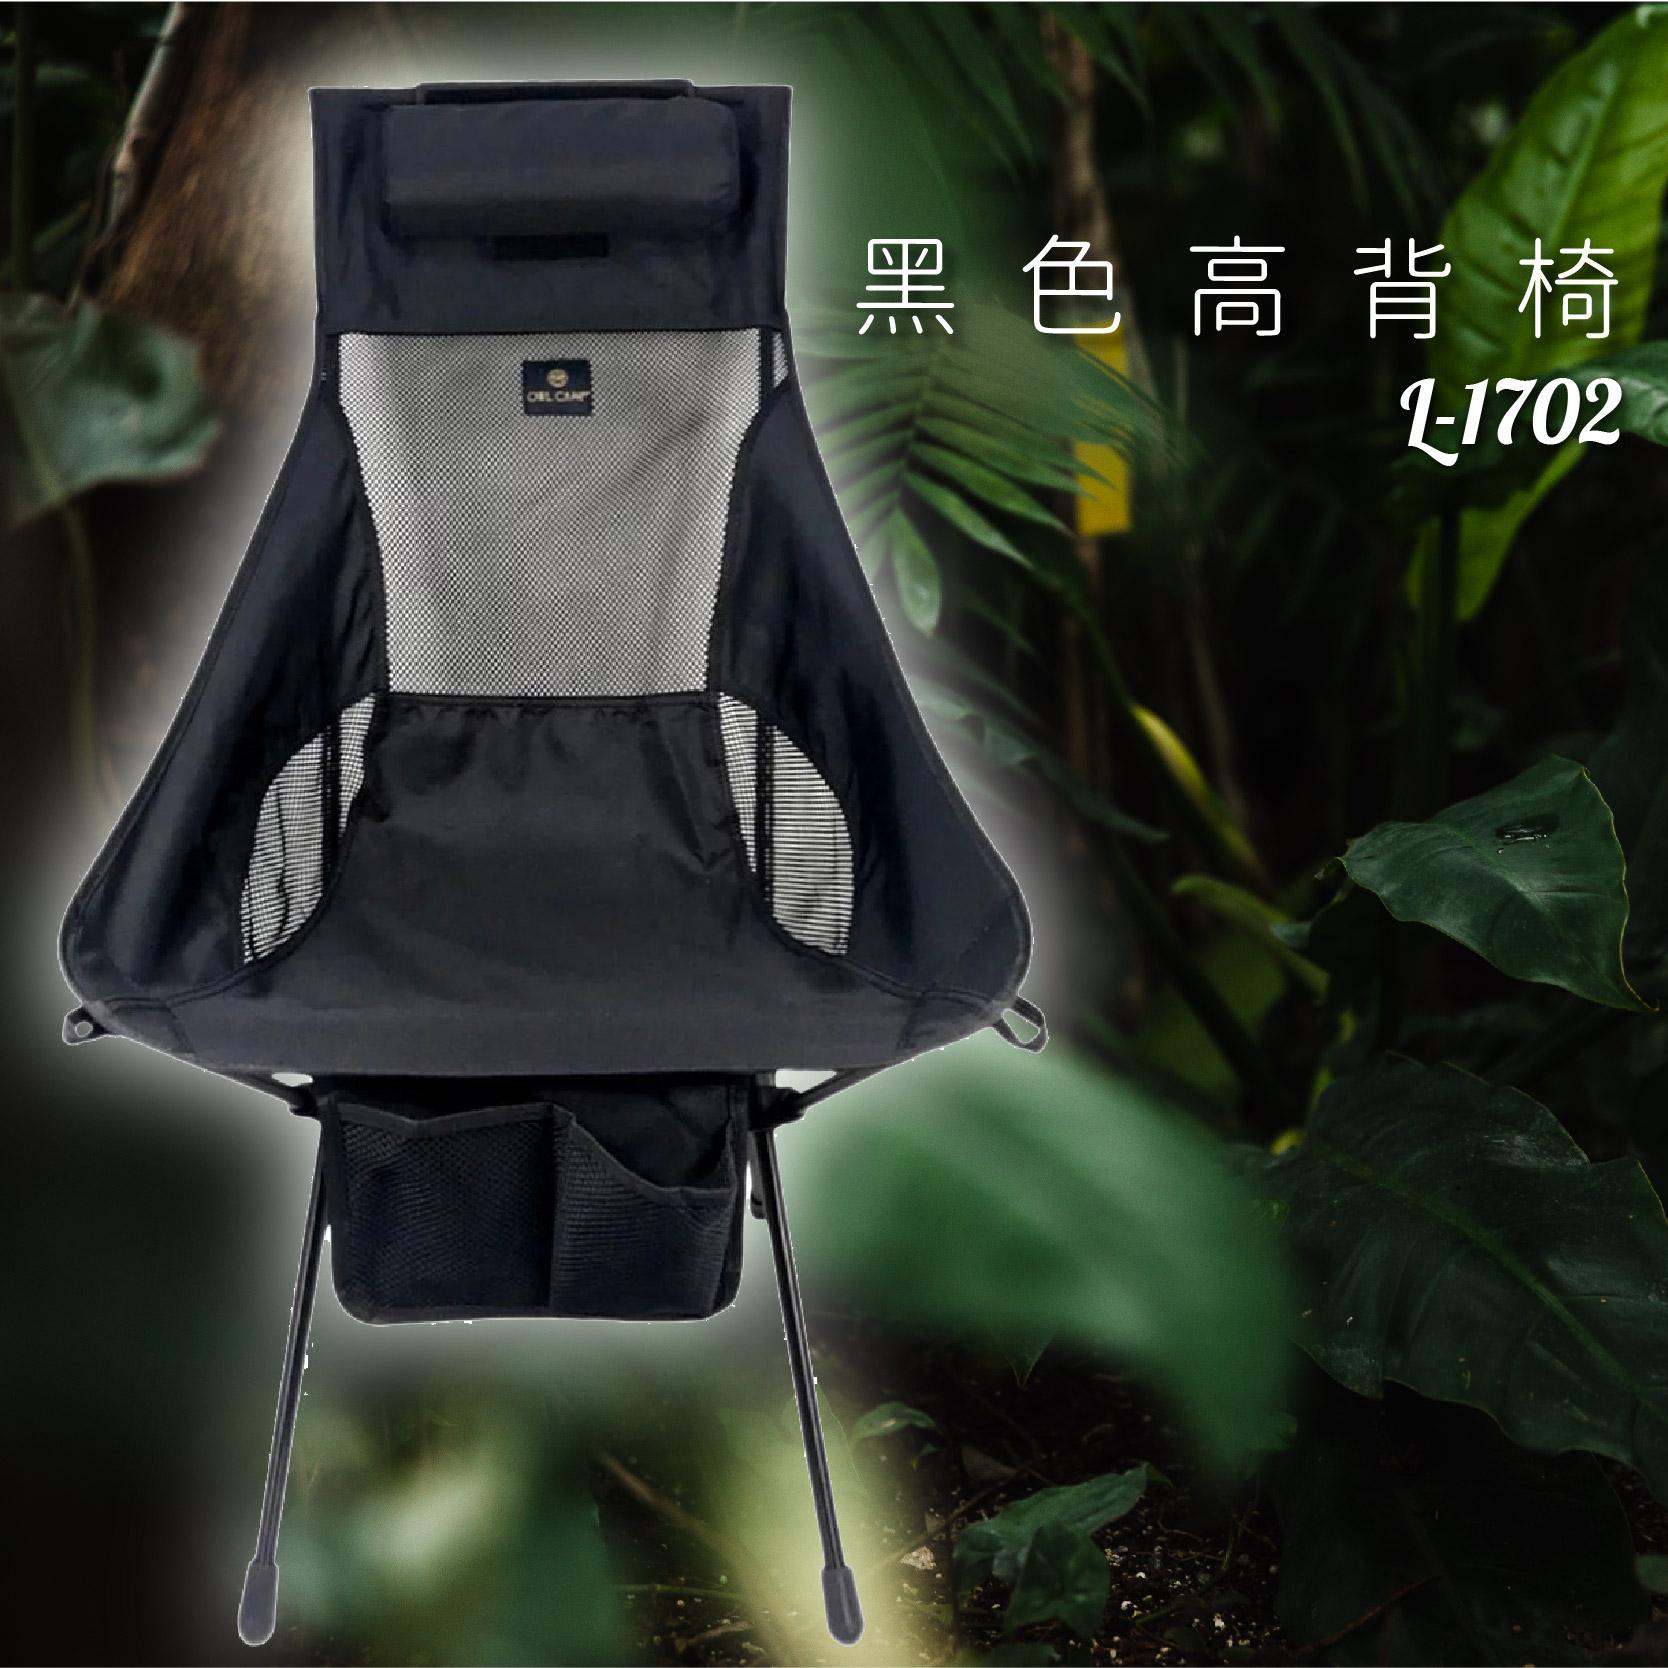 好想去旅行!高背椅 L-1702 黑色 露營椅 摺疊椅 收納椅 沙灘椅 輕巧 時尚 旅行 假期 鋁合金 機能布